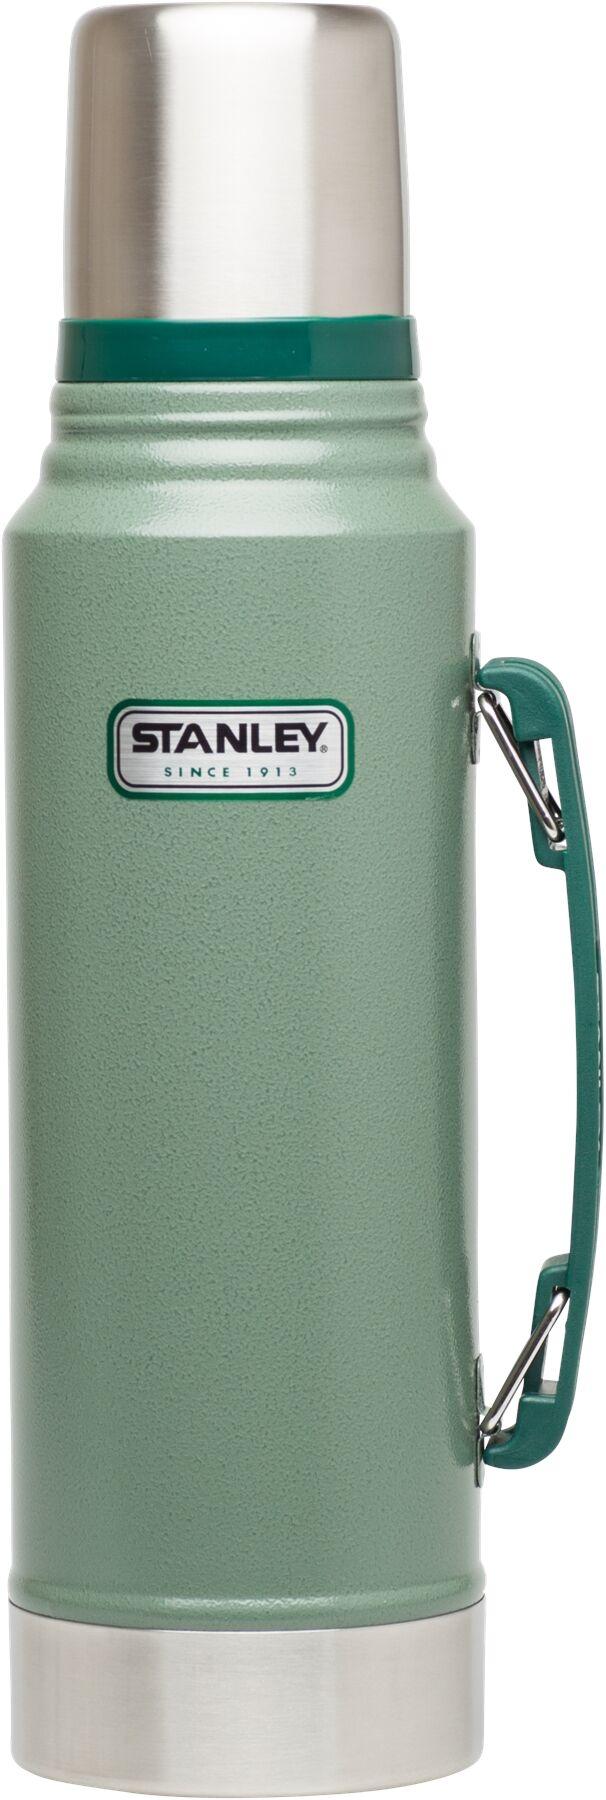 Billede af Stanley Classic Vac Bottle 1,0 Green